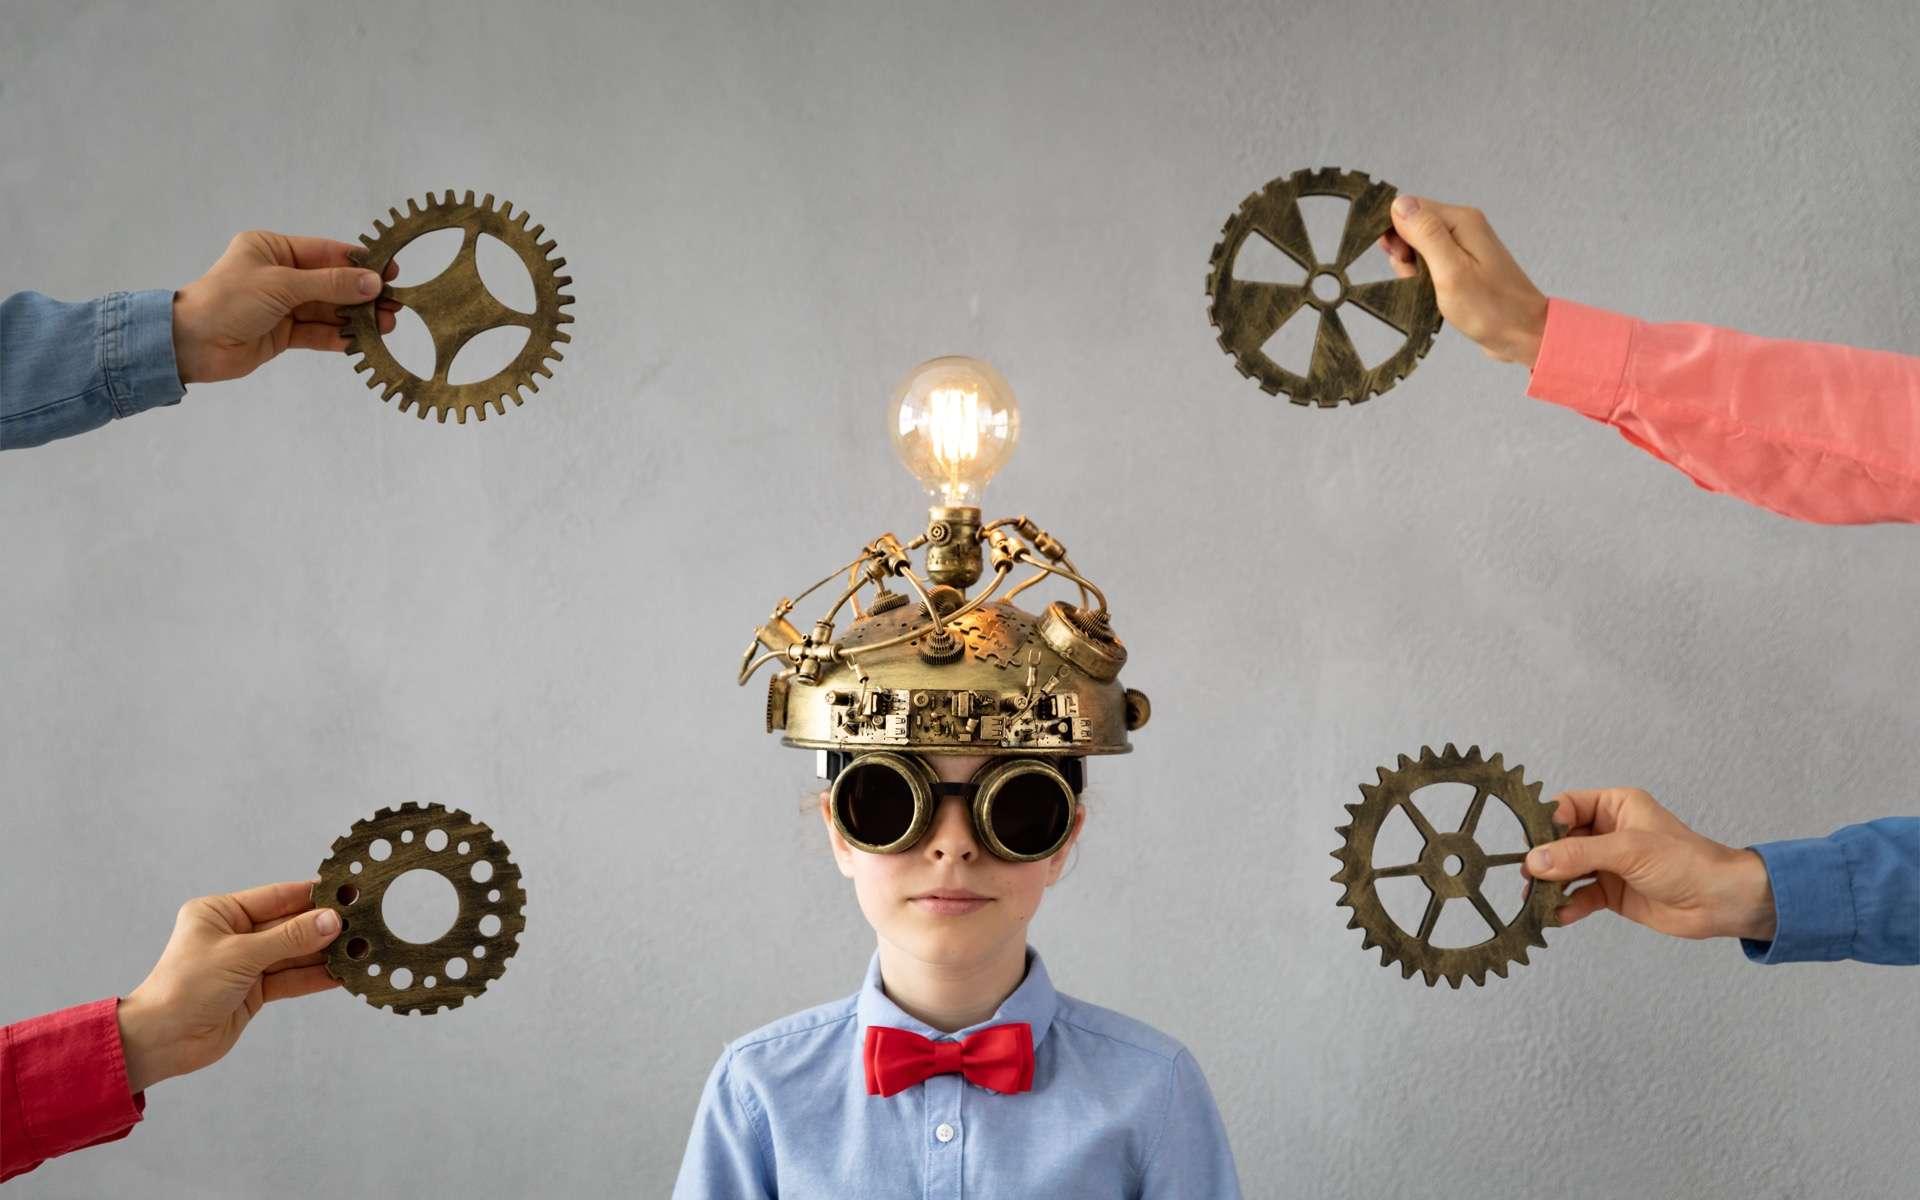 Le métier d'ingénieur reste un métier très recherché dans la plupart des secteurs de l'économie, du BTP aux nouvelles technologies. © Sunny studio, Adobe Stock